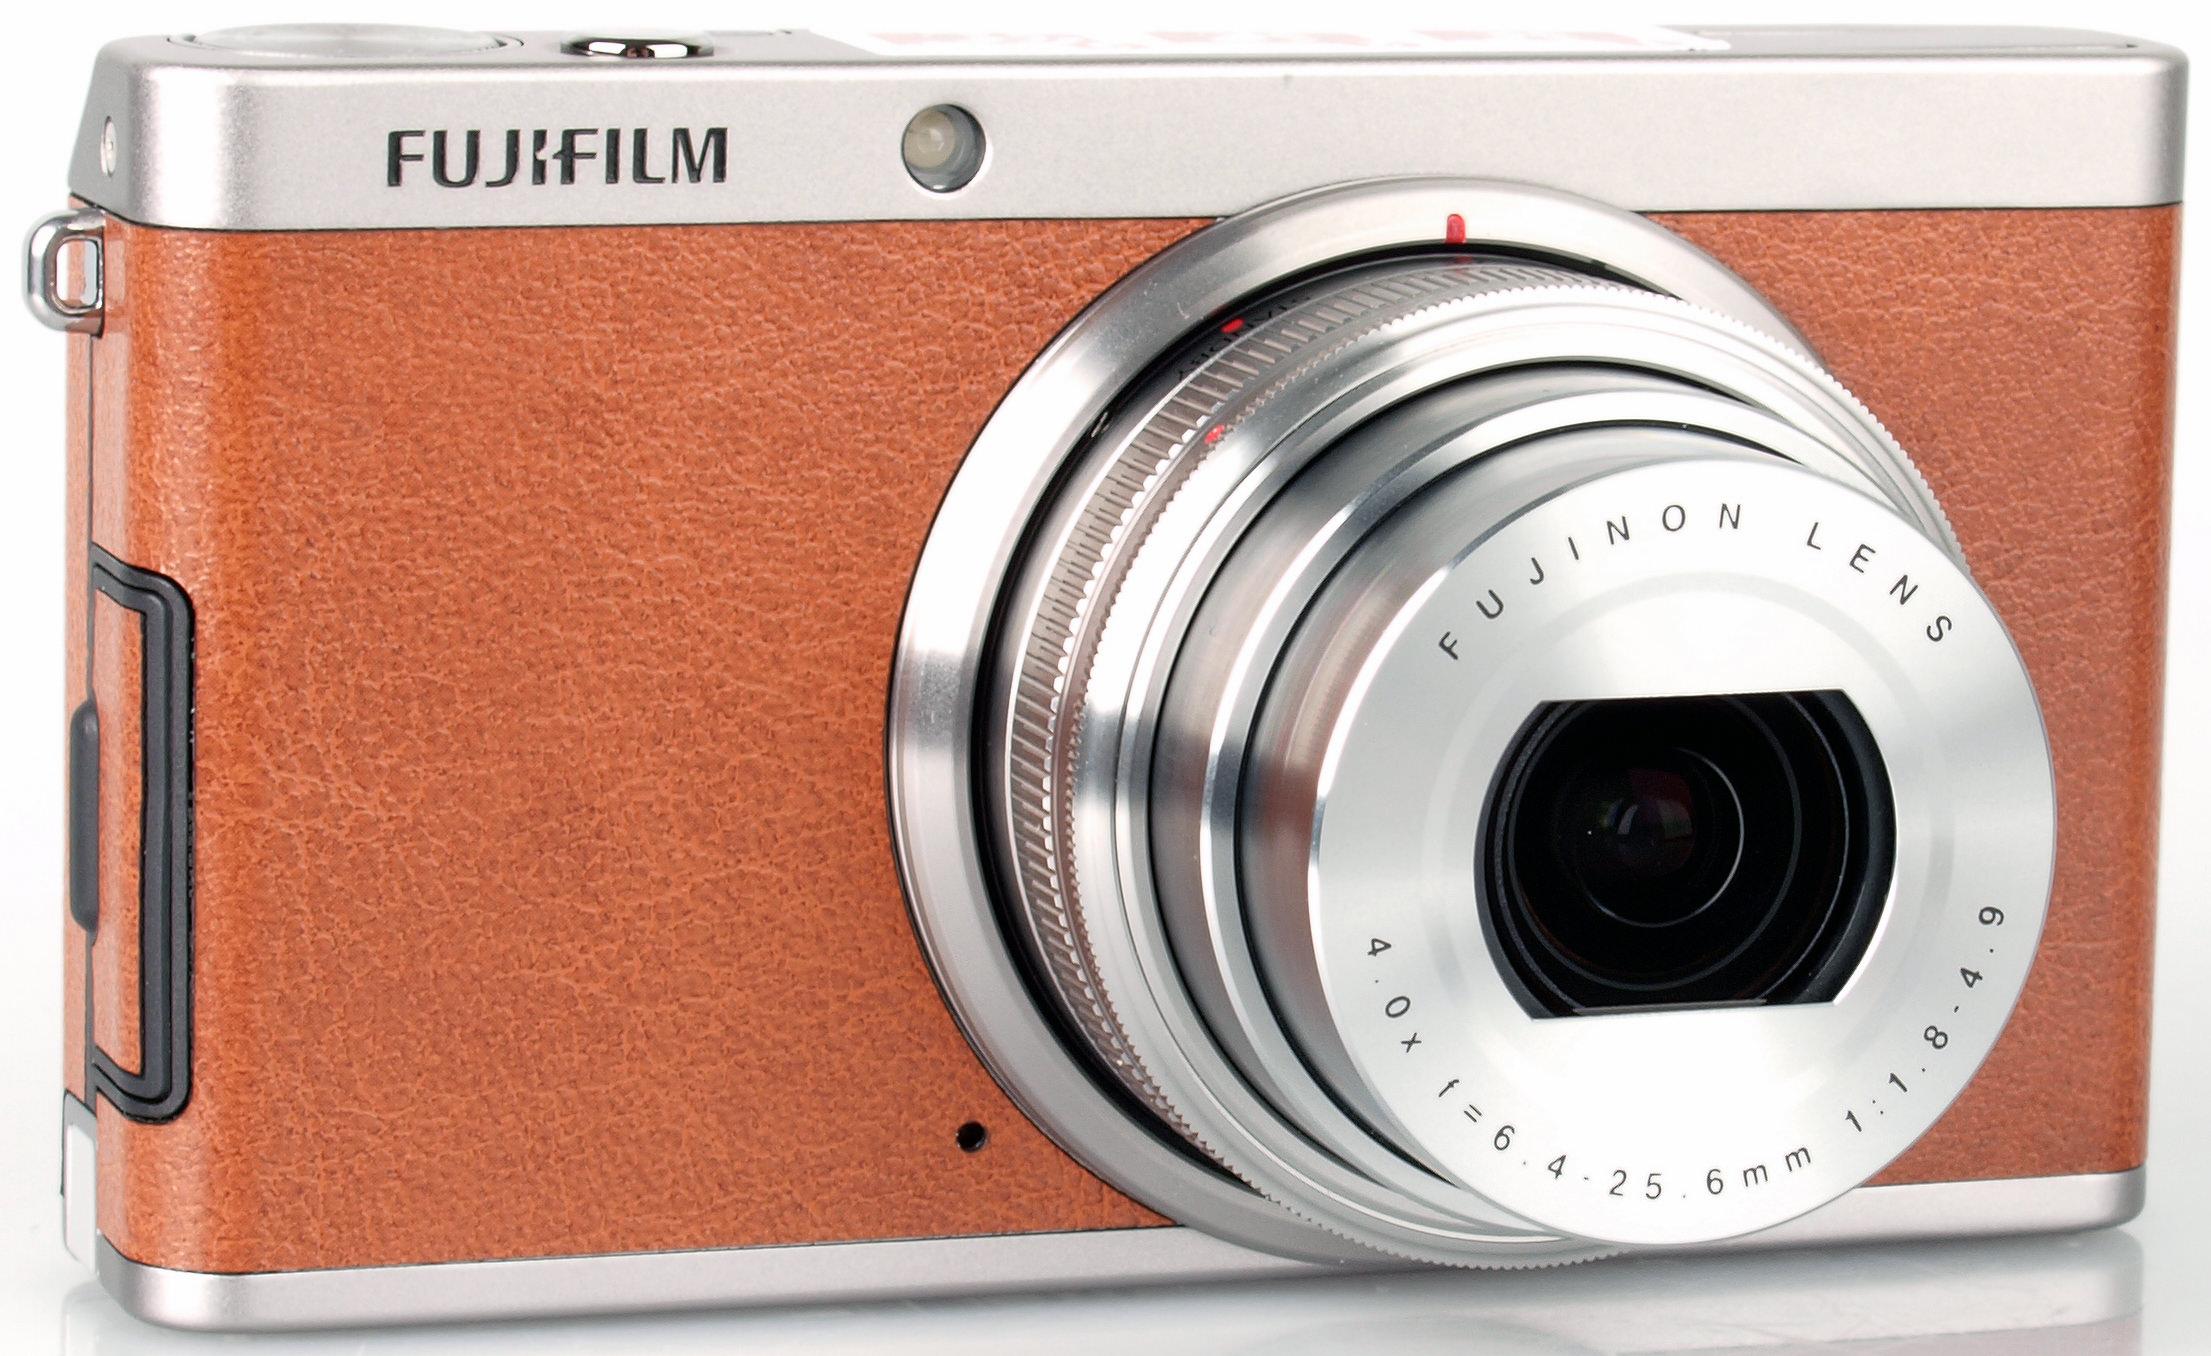 fujifilm xf1 review rh ephotozine com Fujifilm FinePix S4800 Fujifilm FinePix S4200